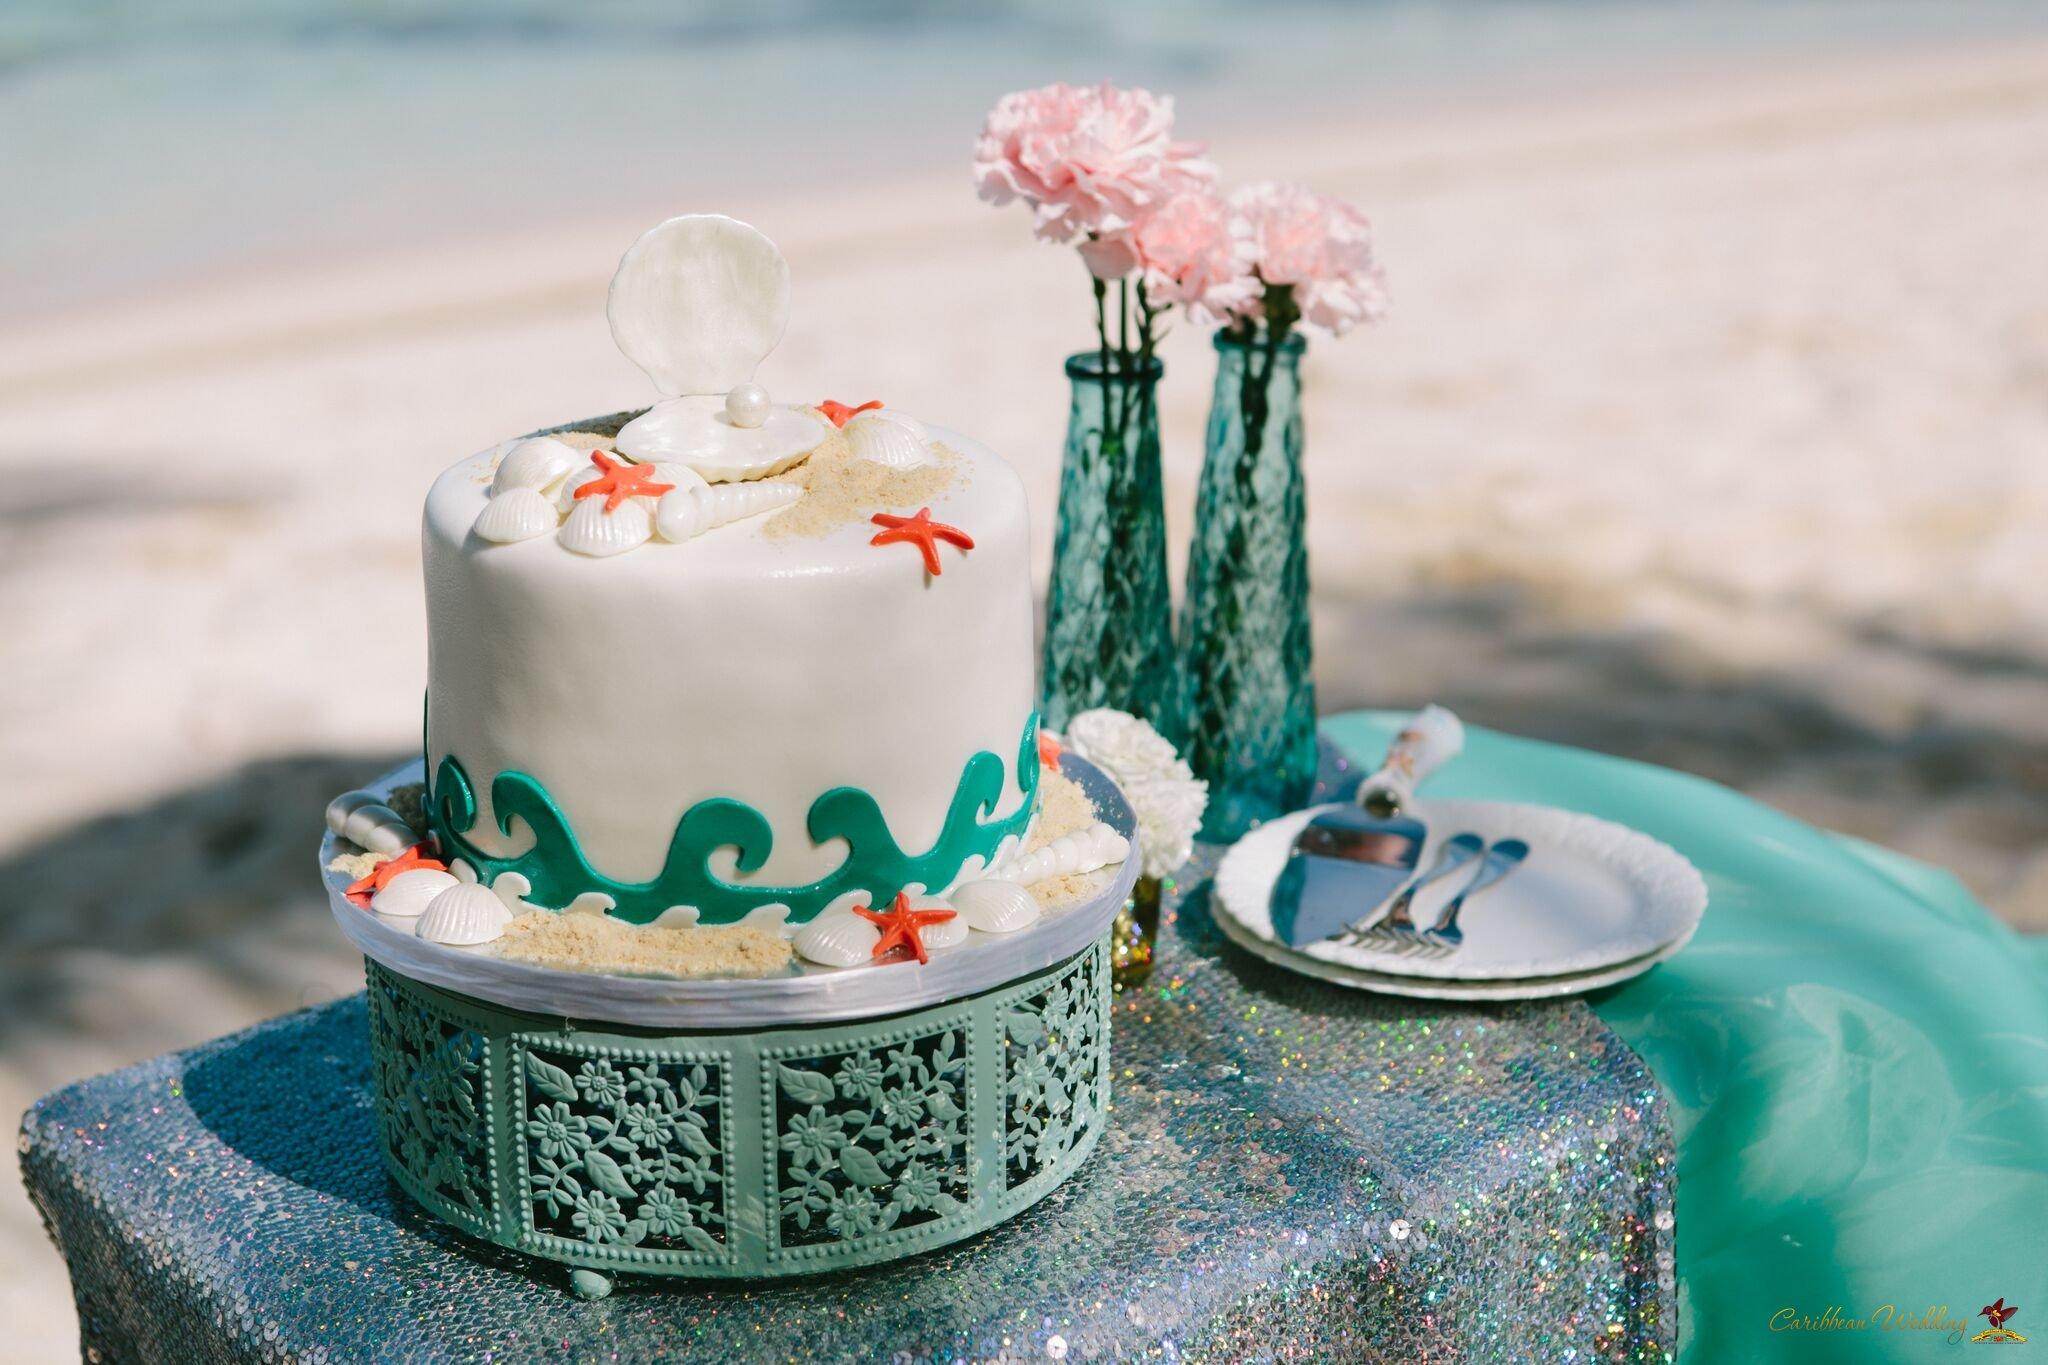 торт на море картинки рухнул лед